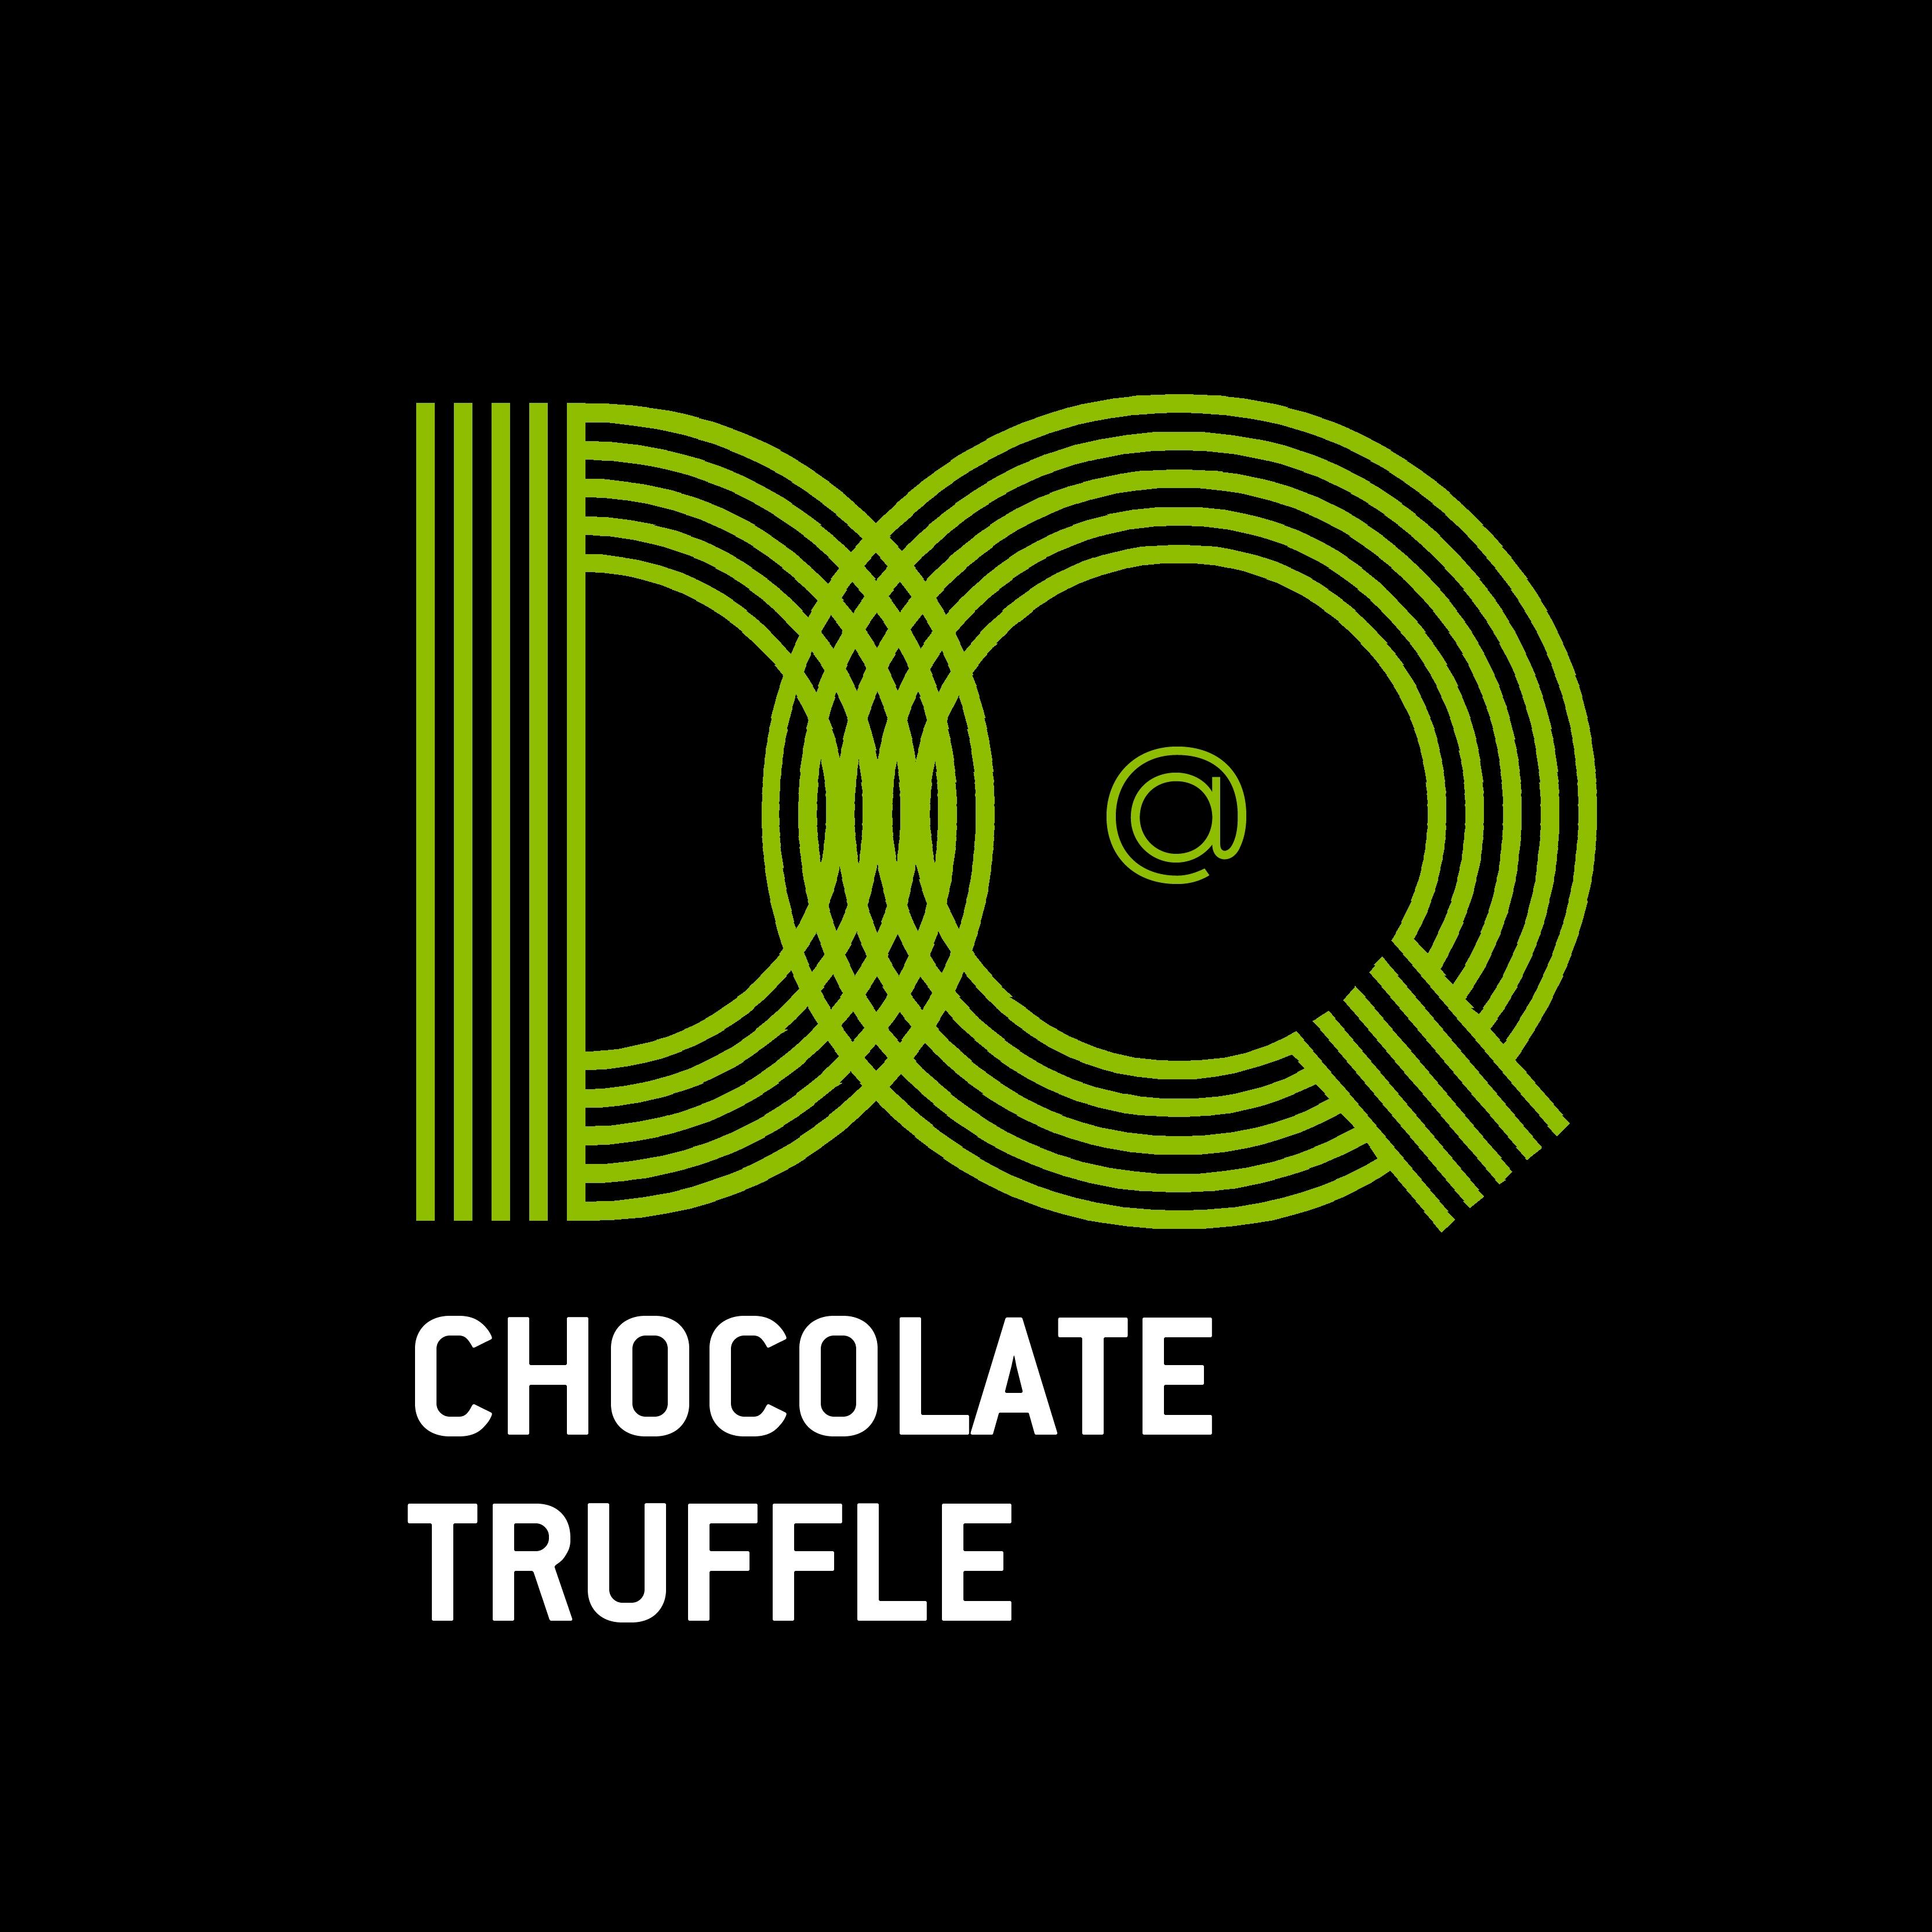 15. DQ - CHOCOLATE TRUFFLE